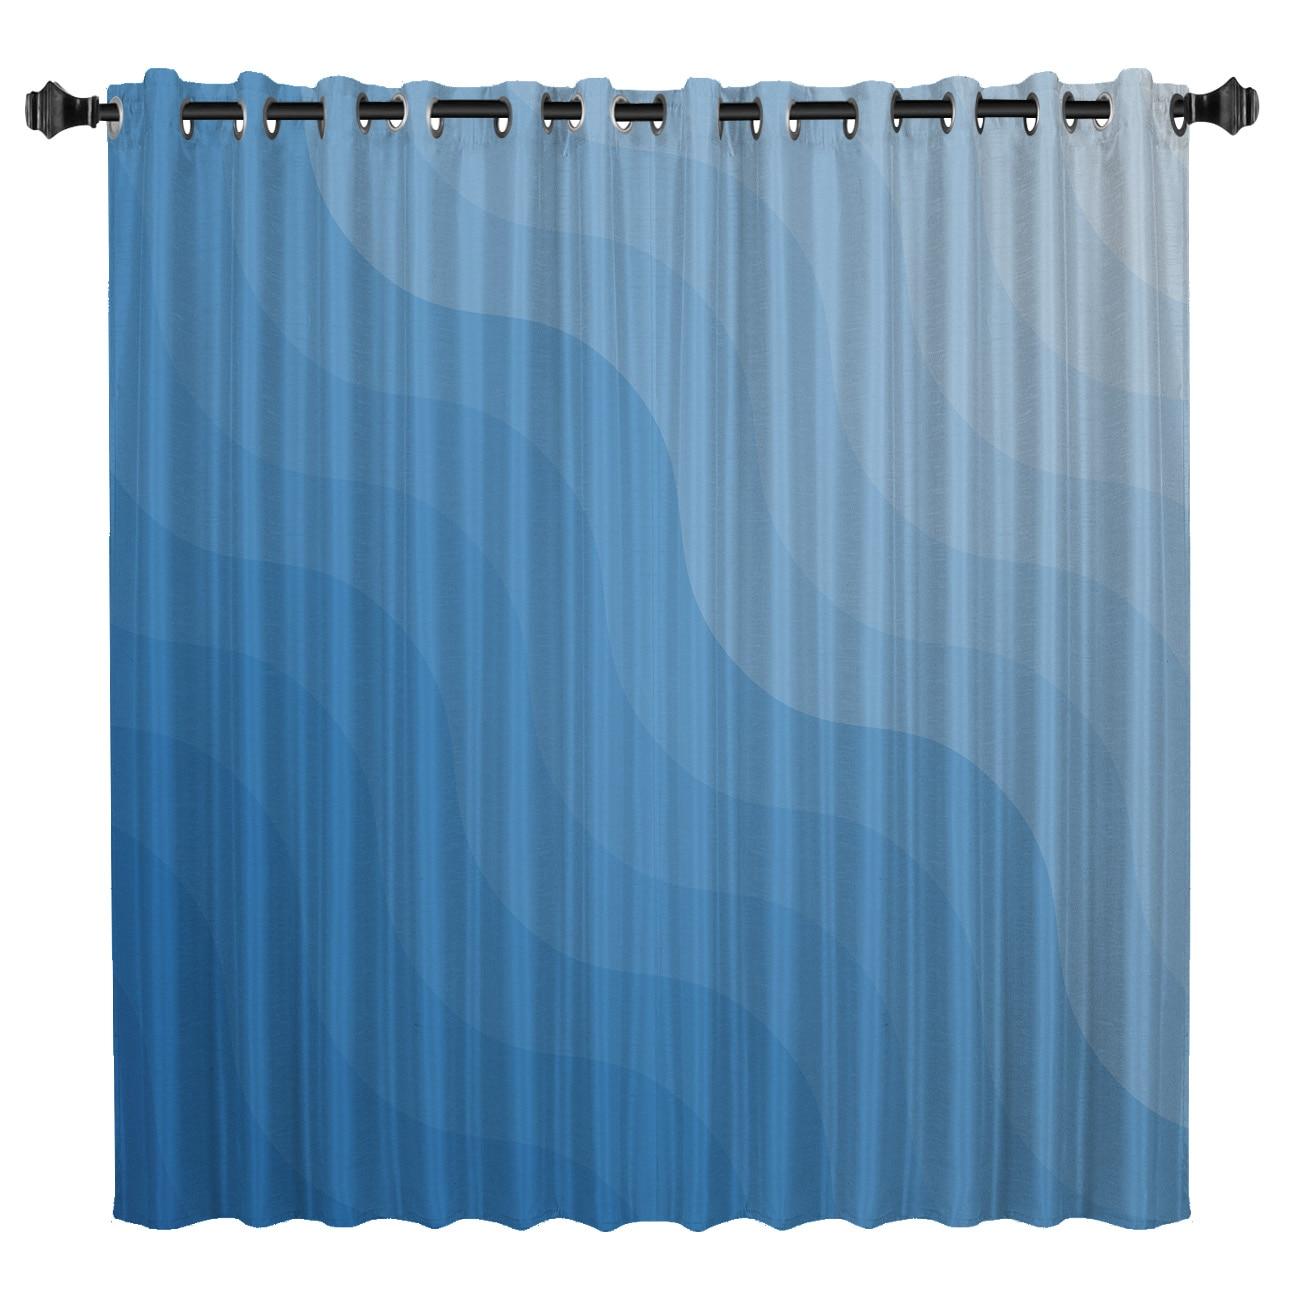 Градиентная Синяя волнистая оконная занавеска s темная занавеска для гостиной стержень для ванной комнаты занавески s наружный внутренний Декор Детские занавески с